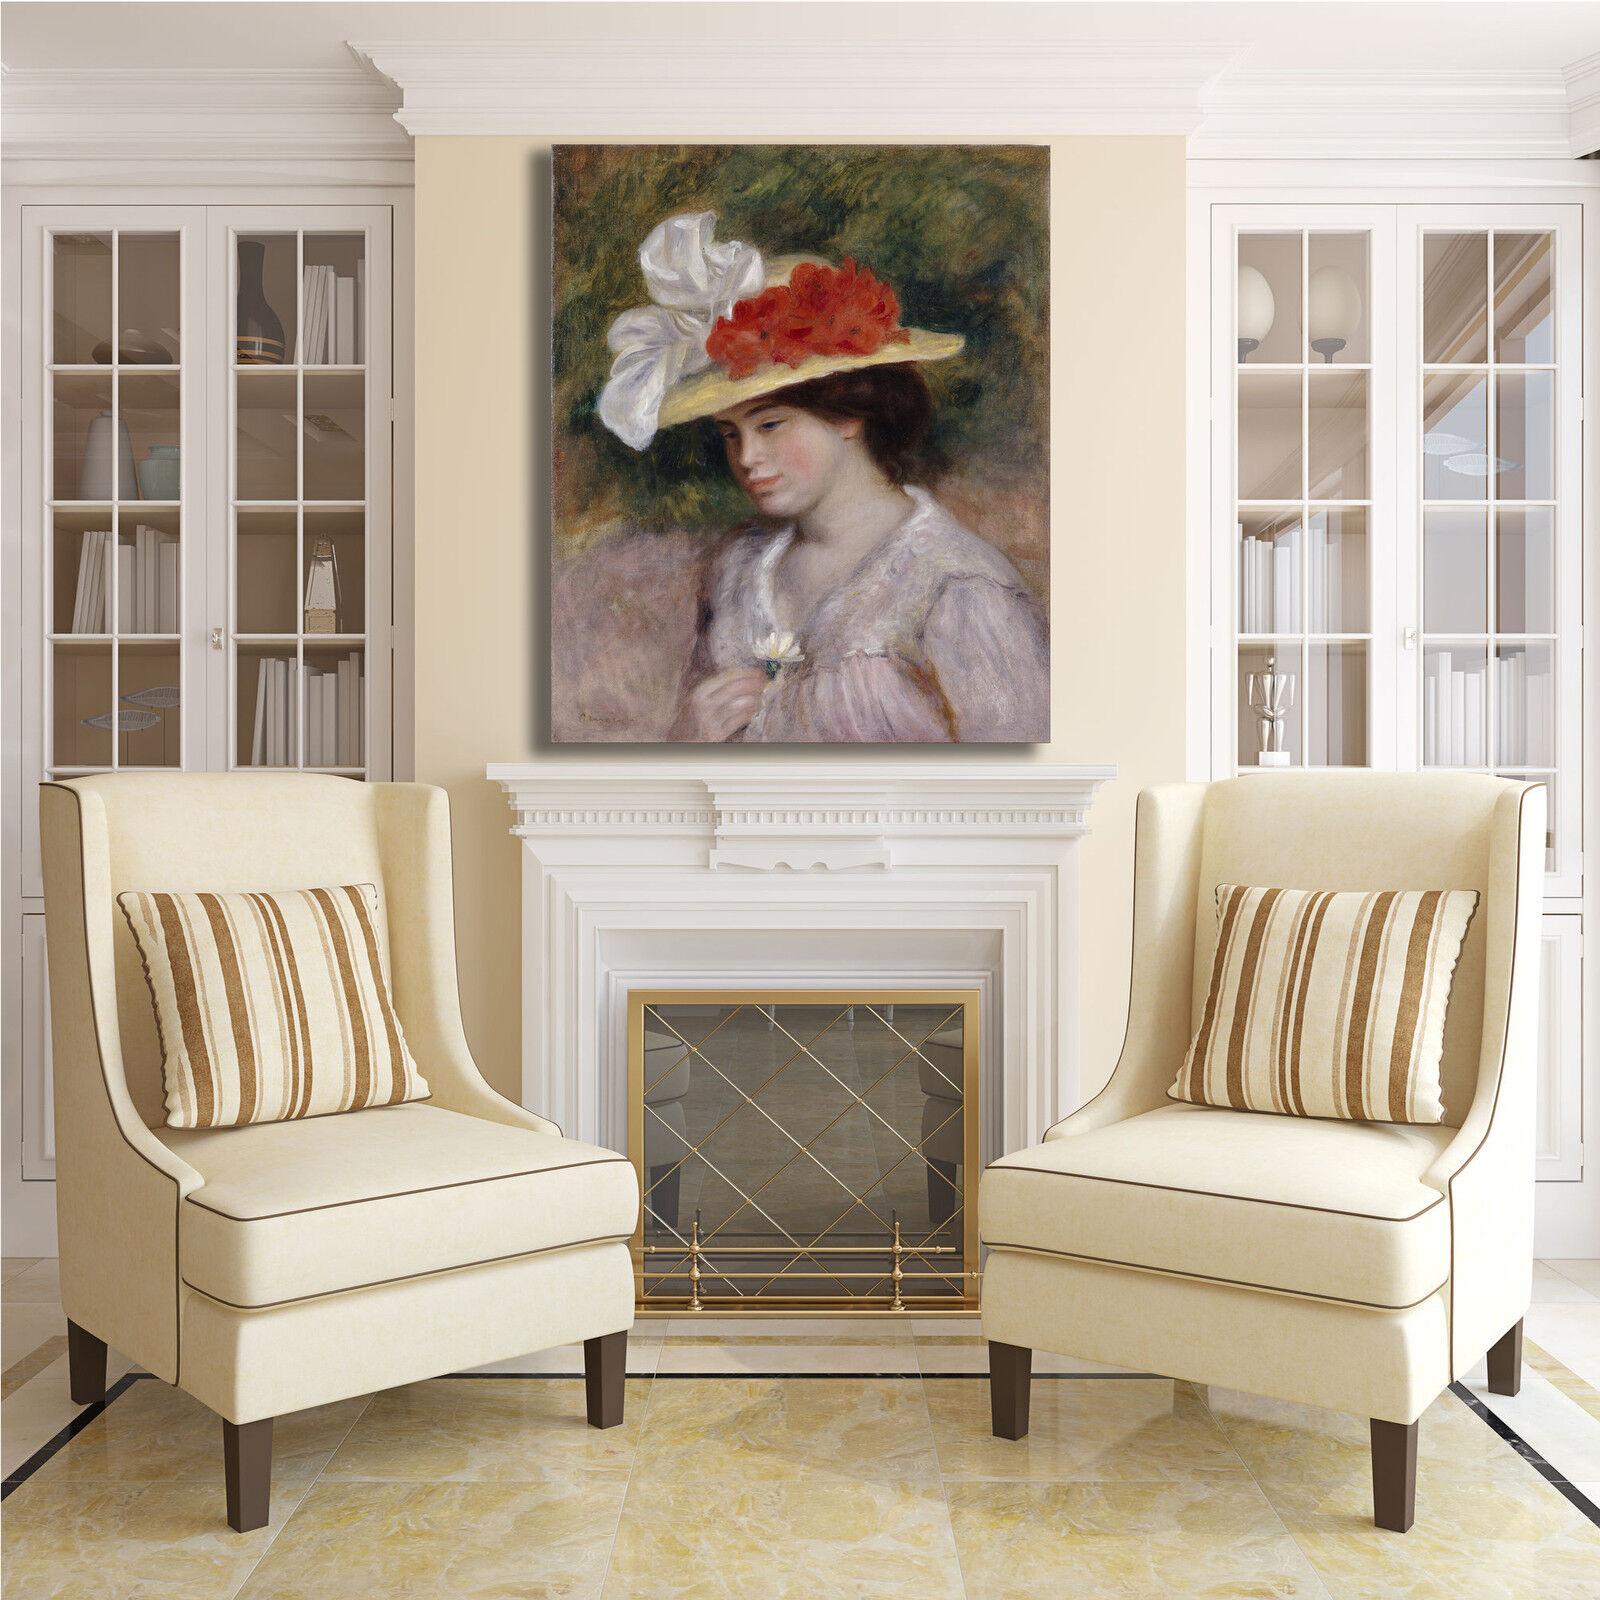 Renero donna con cappello cappello cappello fiorito quadro stampa tela dipinto telaio arrossoo casa bf454e